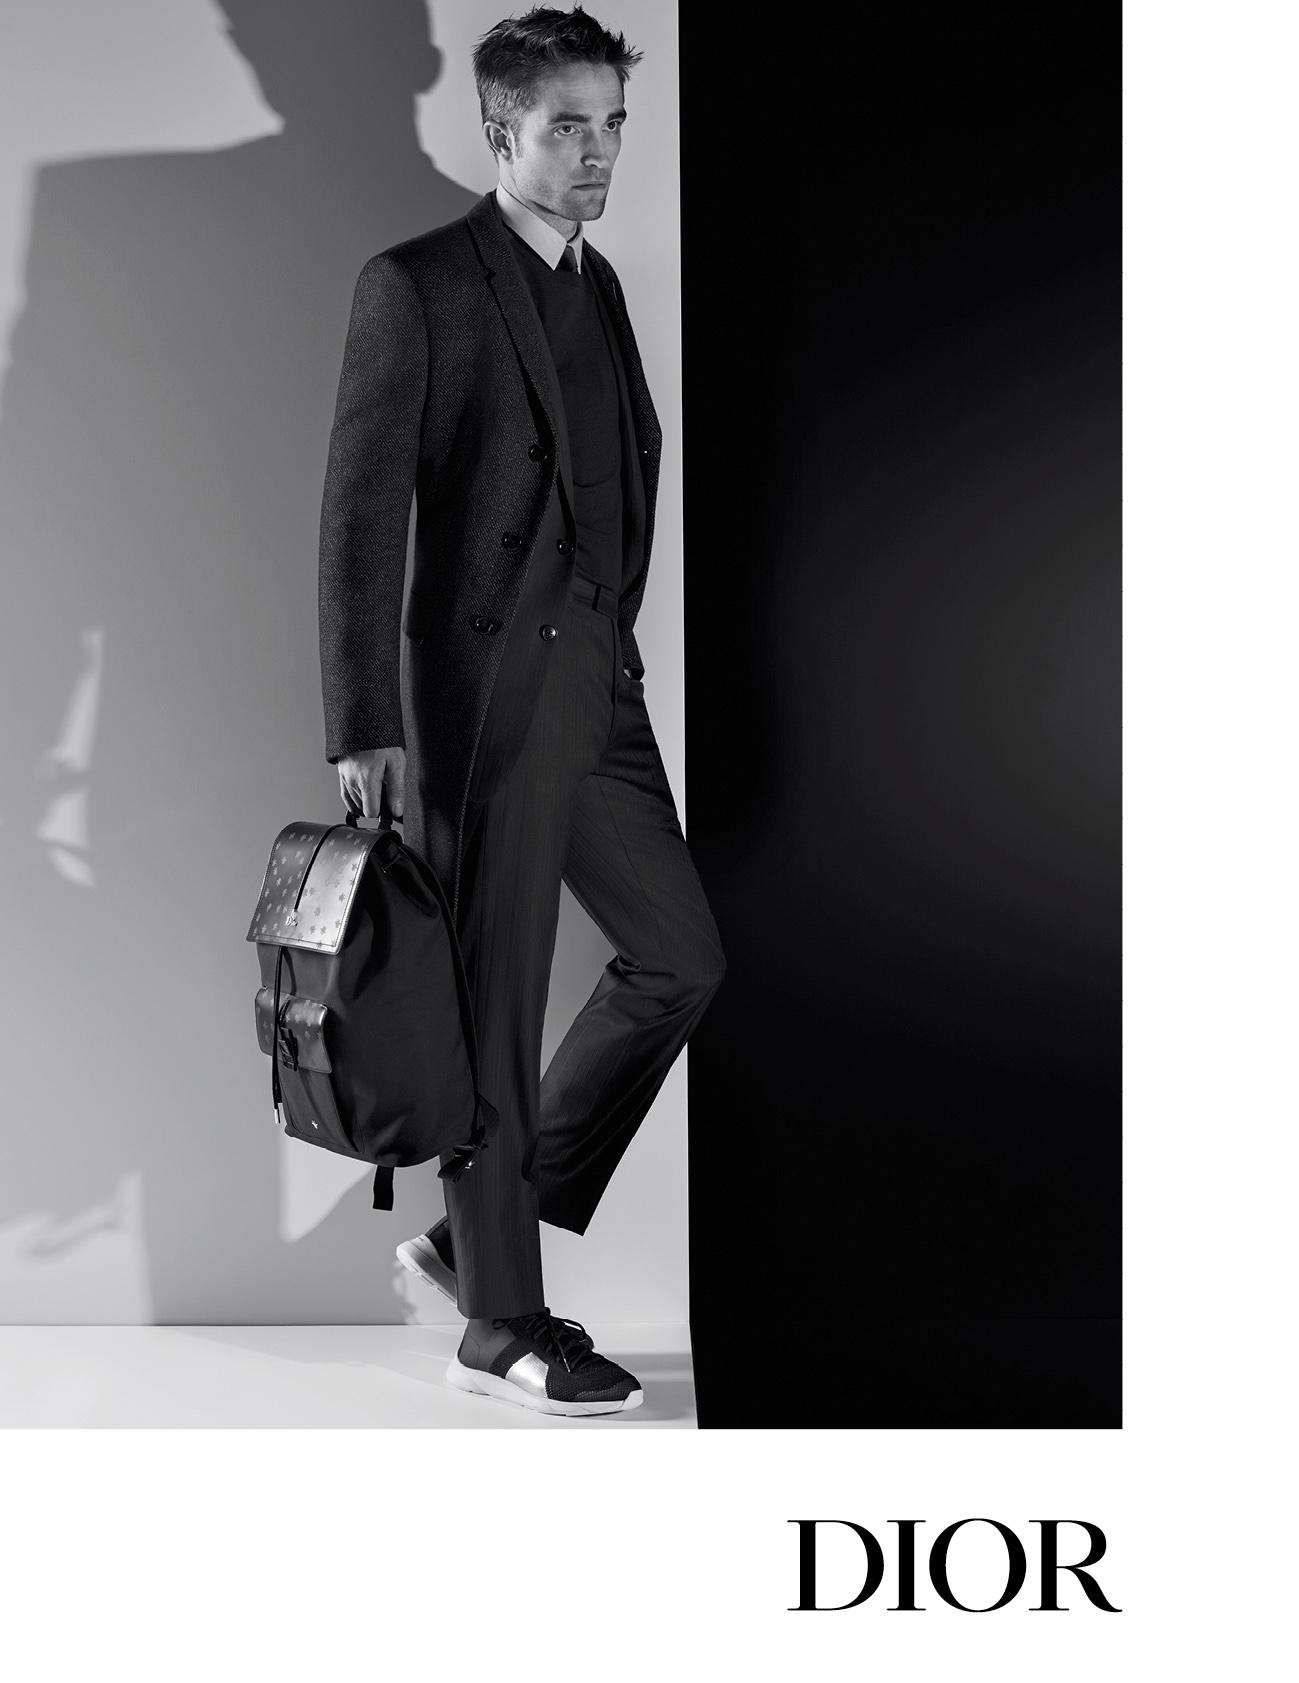 Homme Chic Sont Dior Les La Tels Mots Campagne De D'ordre Rebelle vqpgwp